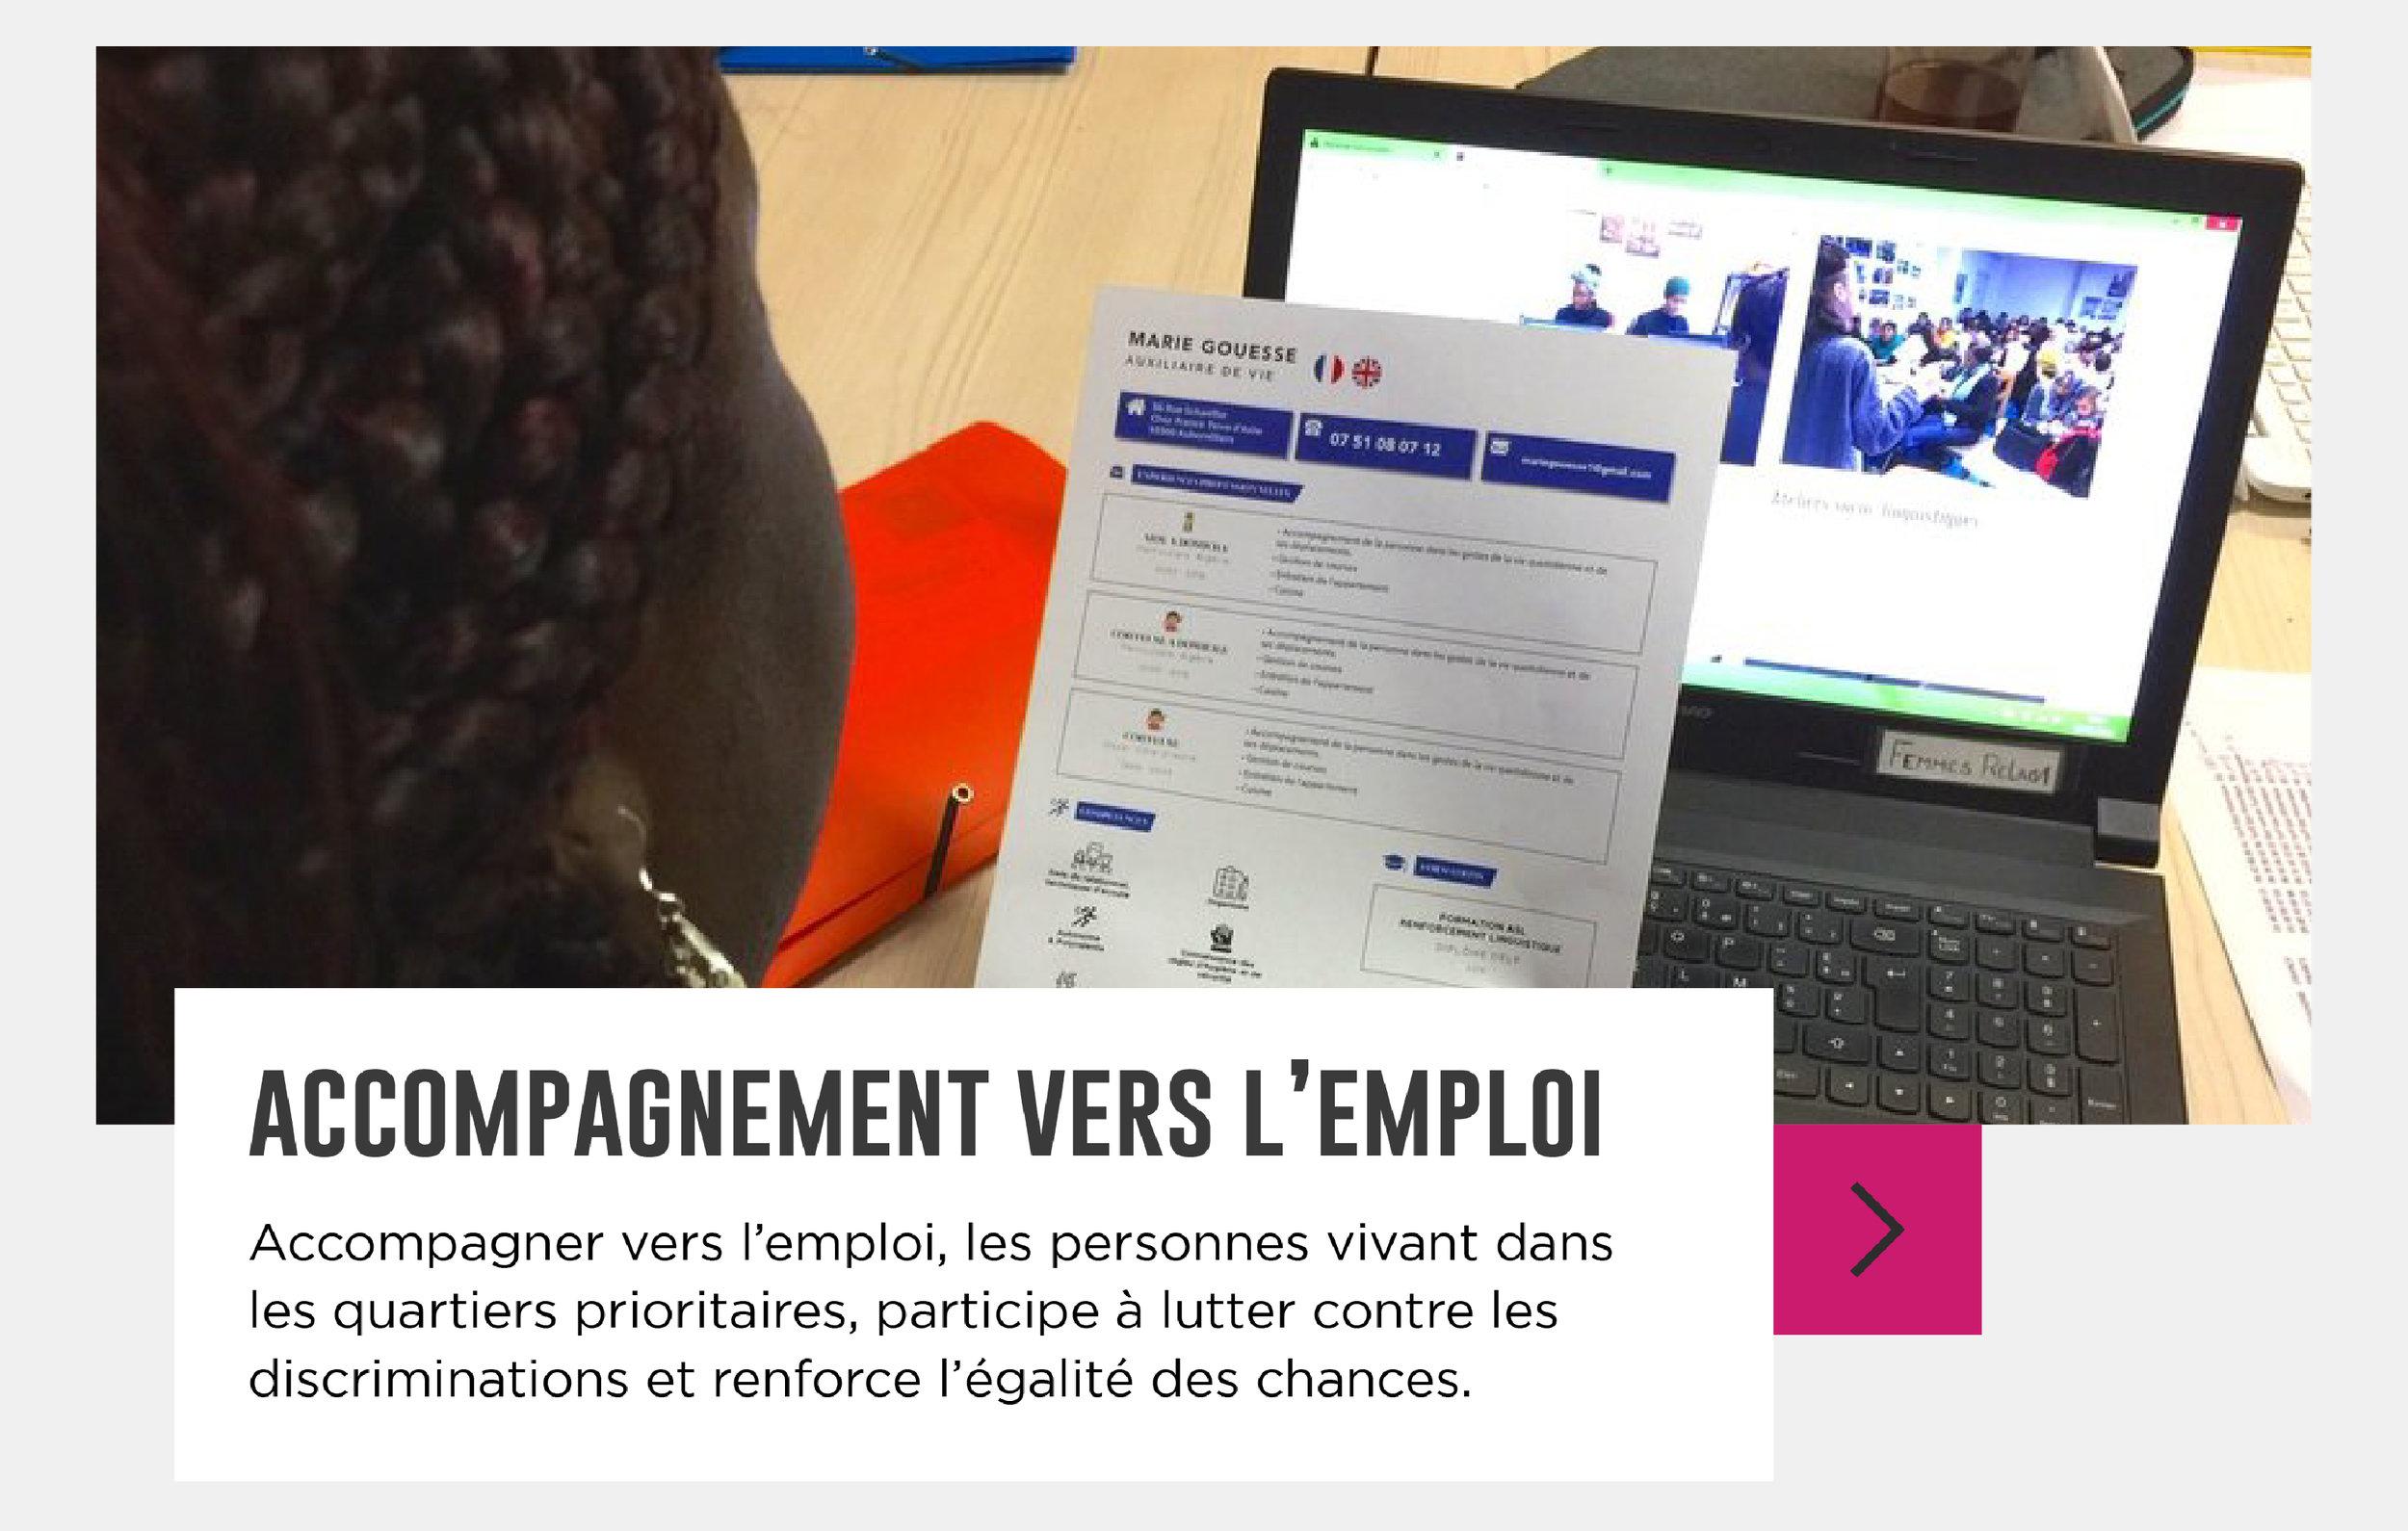 Accompagnement vers l'emploi_Plan de travail 1.jpg